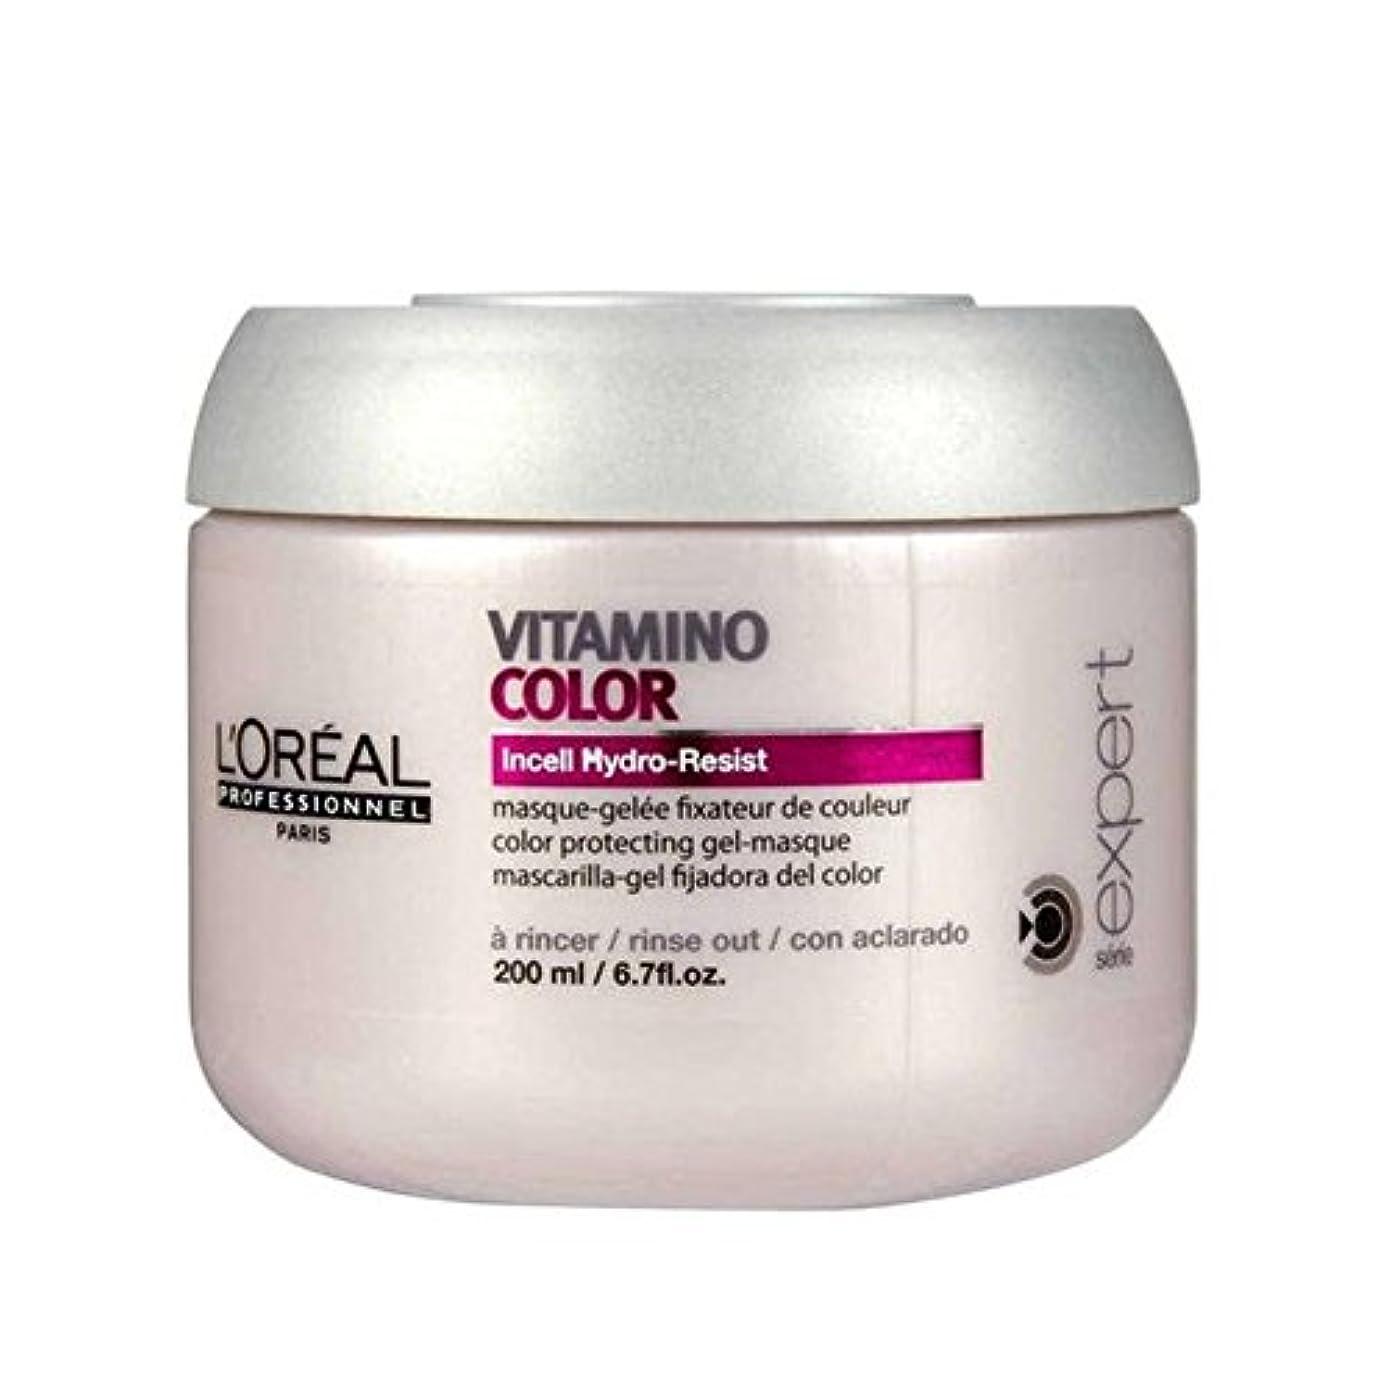 任意糸一L'Oreal Professionnel Serie Expert Vitamino Color Masque (200ml) (Pack of 6) - ロレアルのプロフェッショナルは、専門家カラー仮面劇(200ミリリットル)をセリエ x6 [並行輸入品]